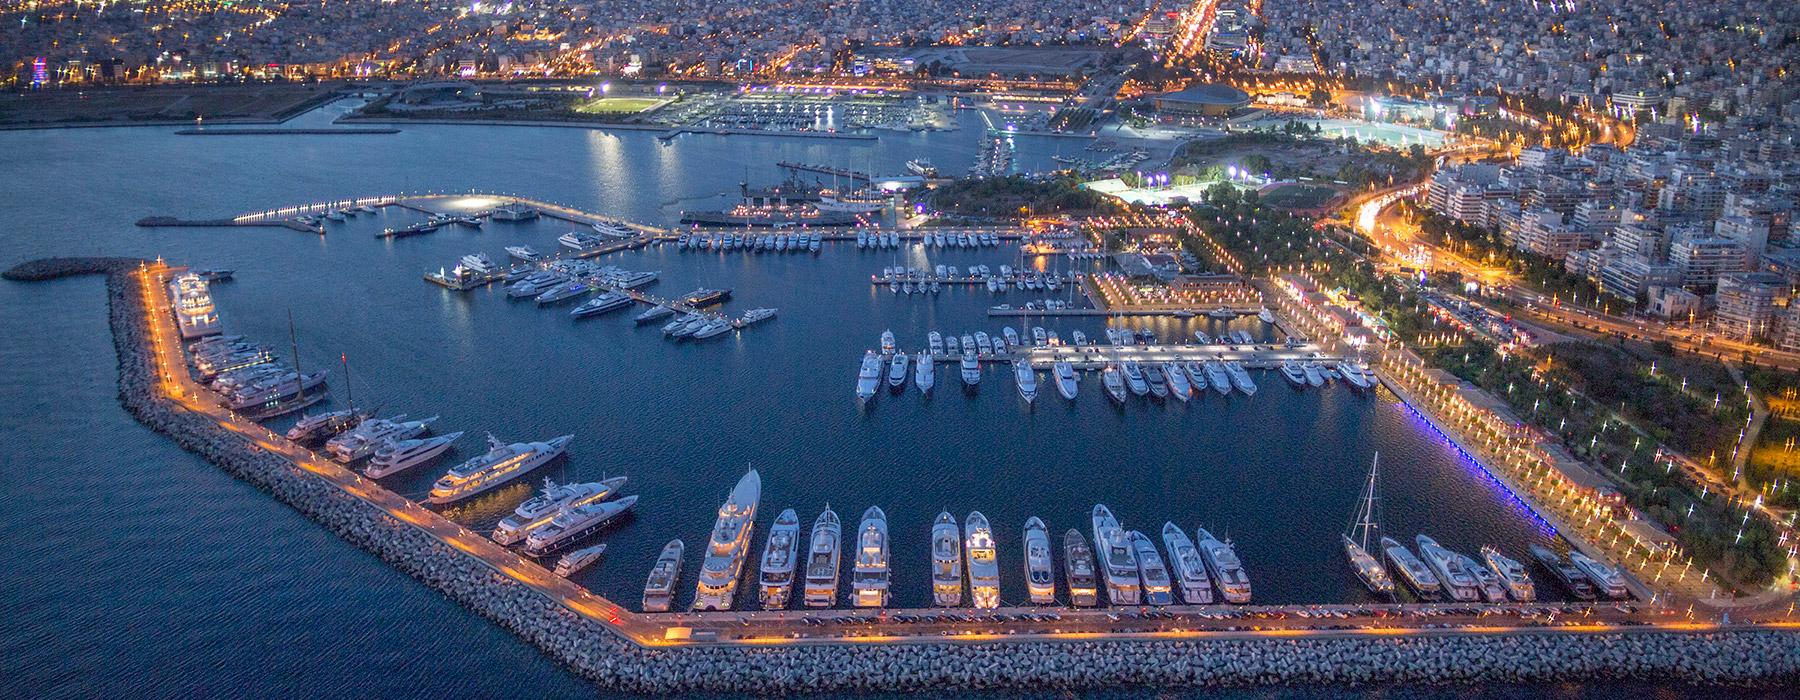 Athenes - Flisvos Marina